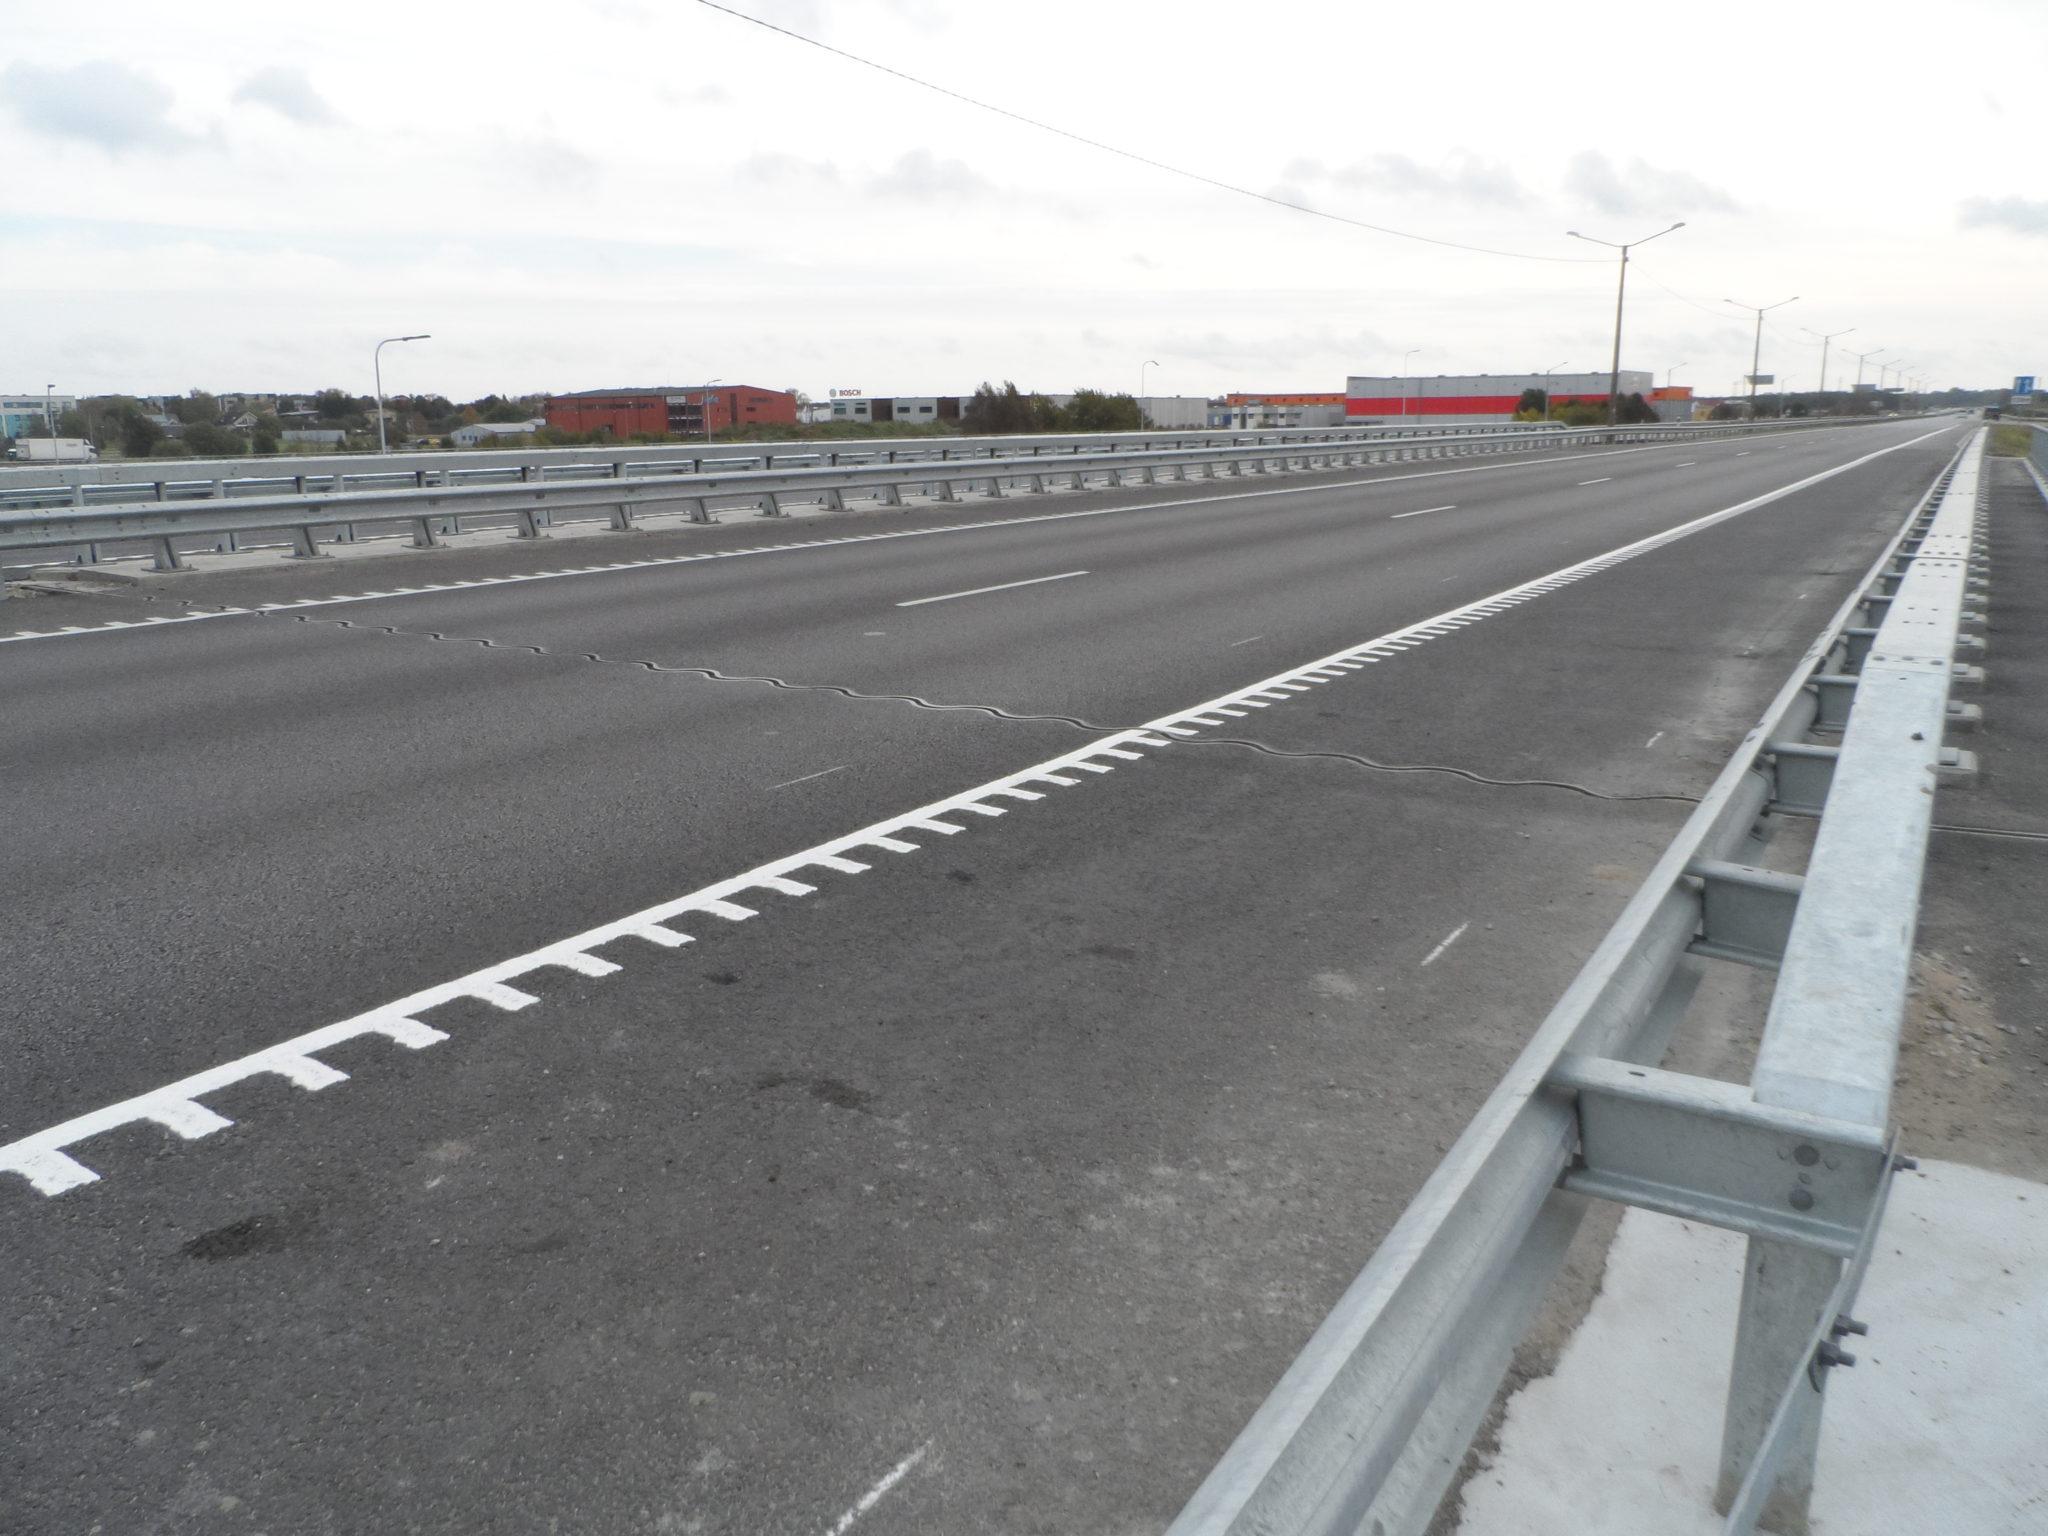 Riigimaantee nr 2 Tallinn-Tartu-Võru-Luhamaa Mõigu-Jüri lõigu rekonstrueerimise omanikujärelevalve